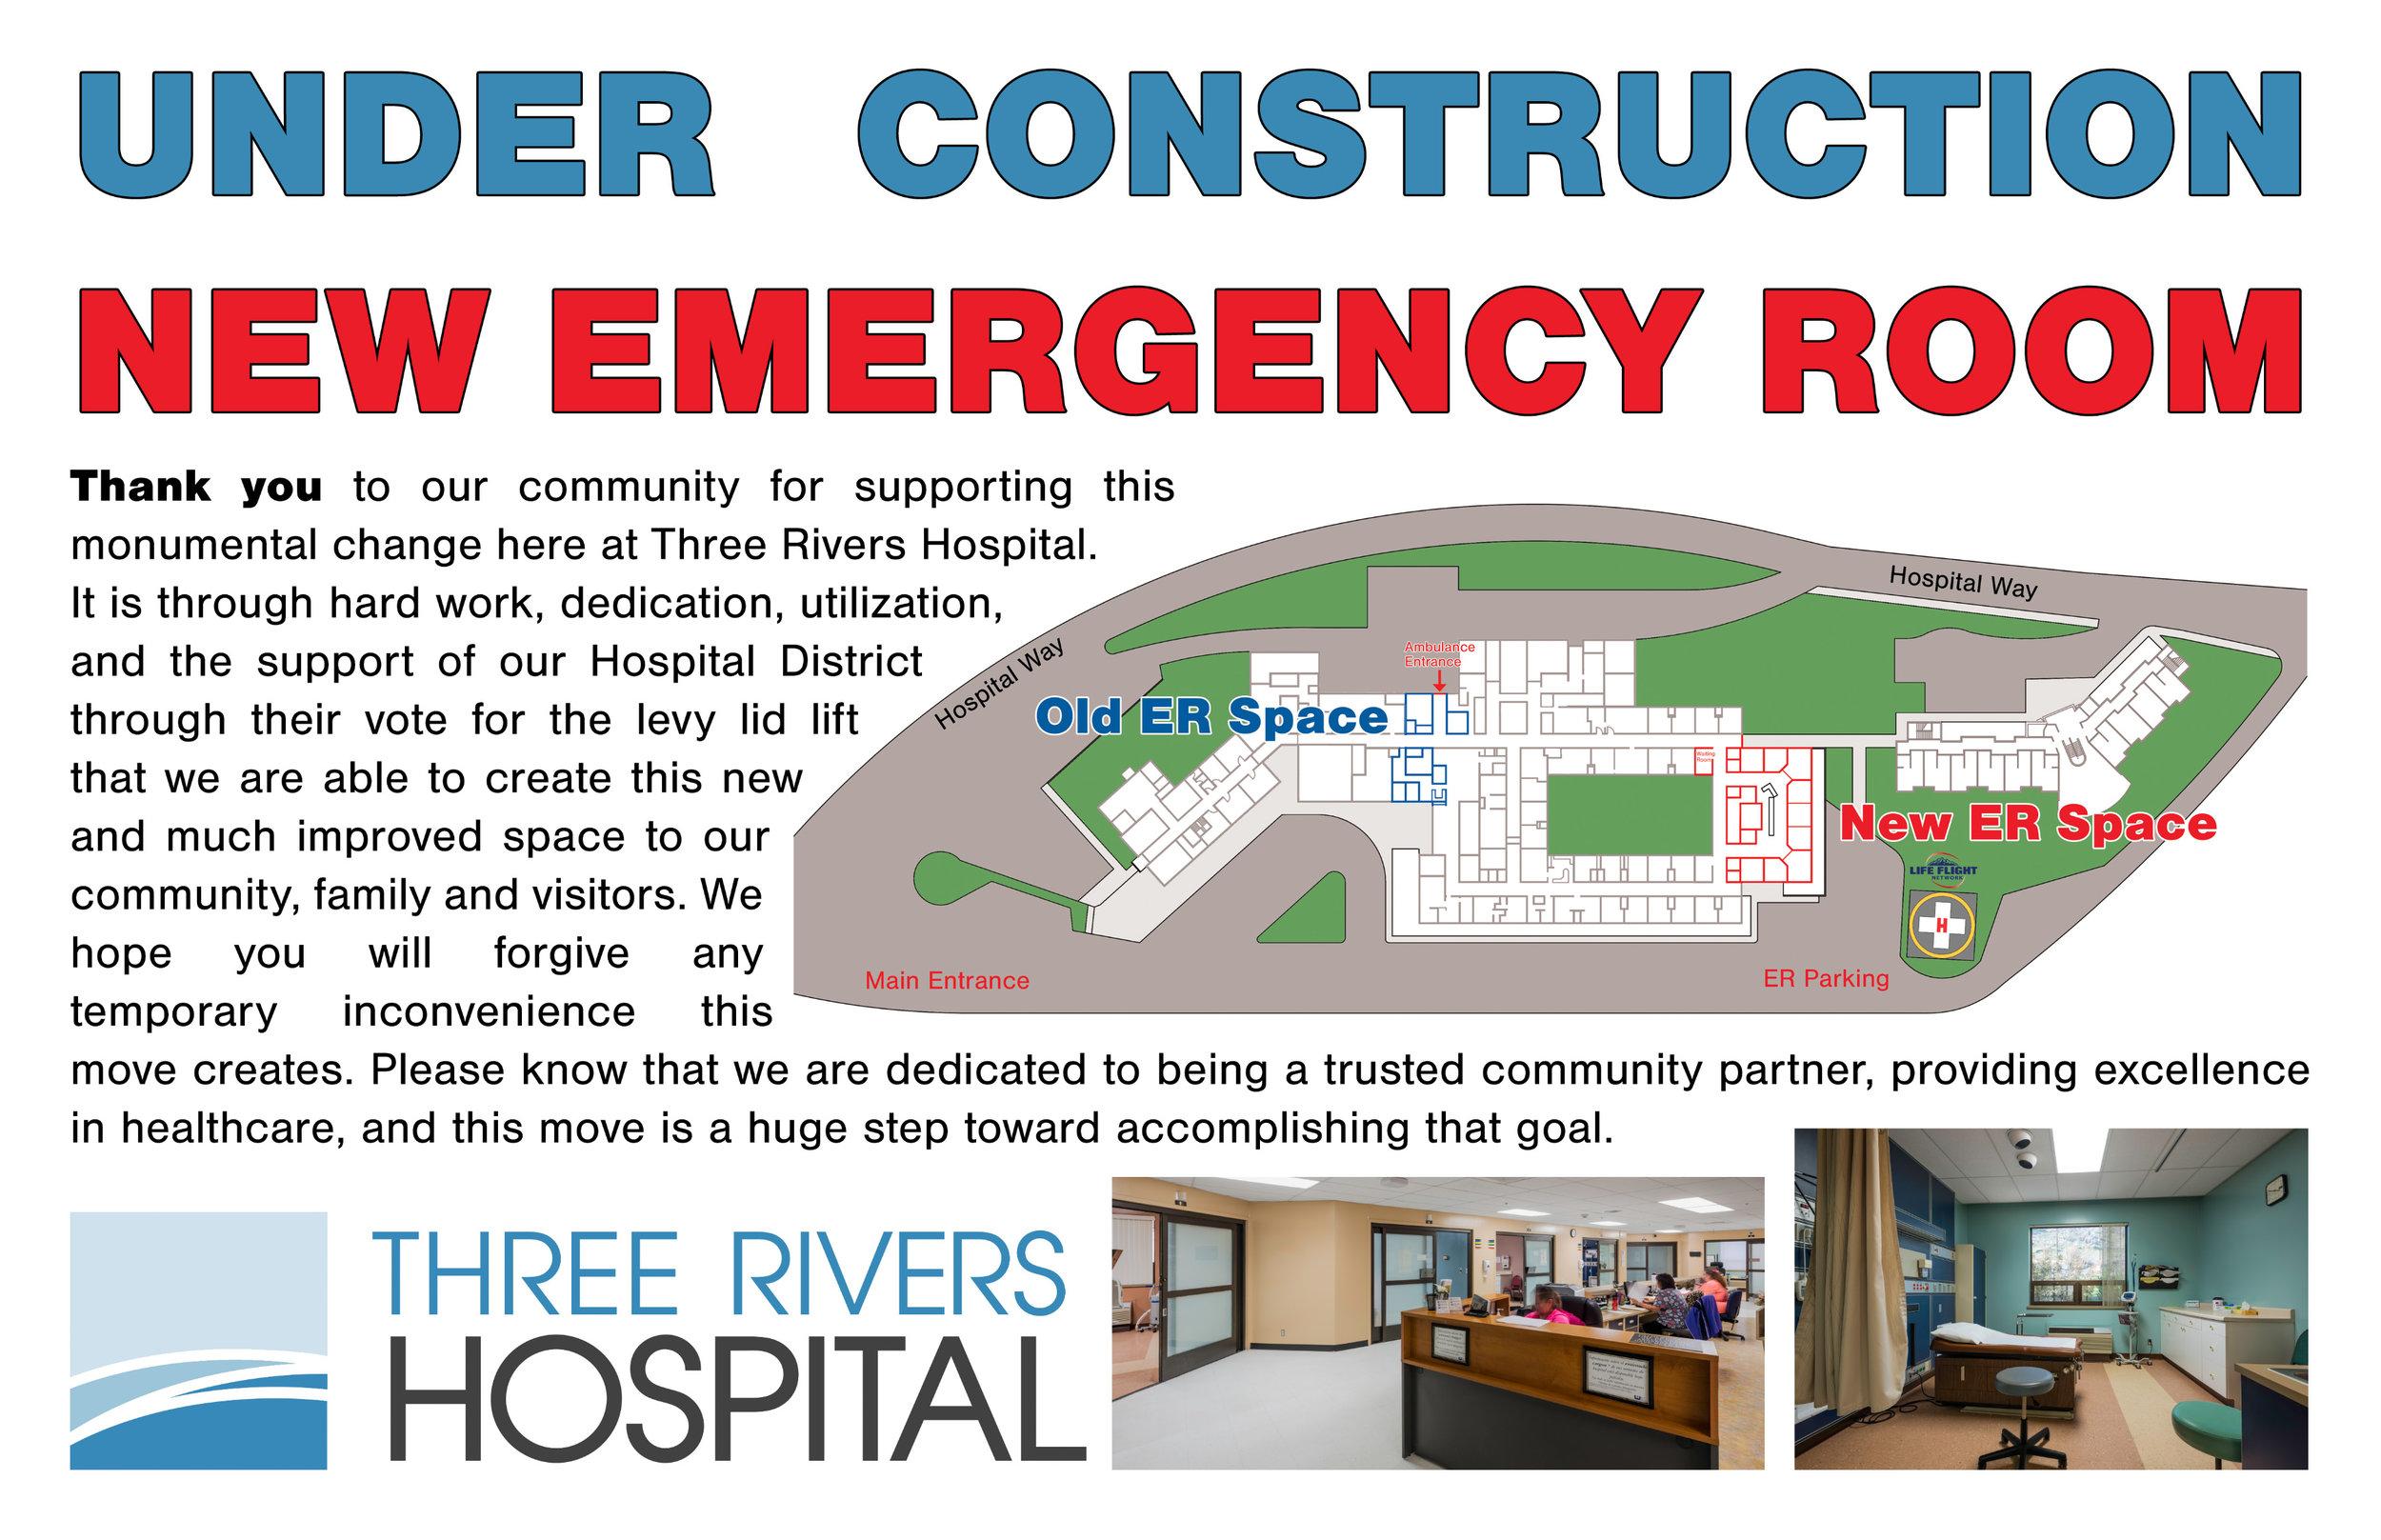 ER Construction Sign_1.jpg